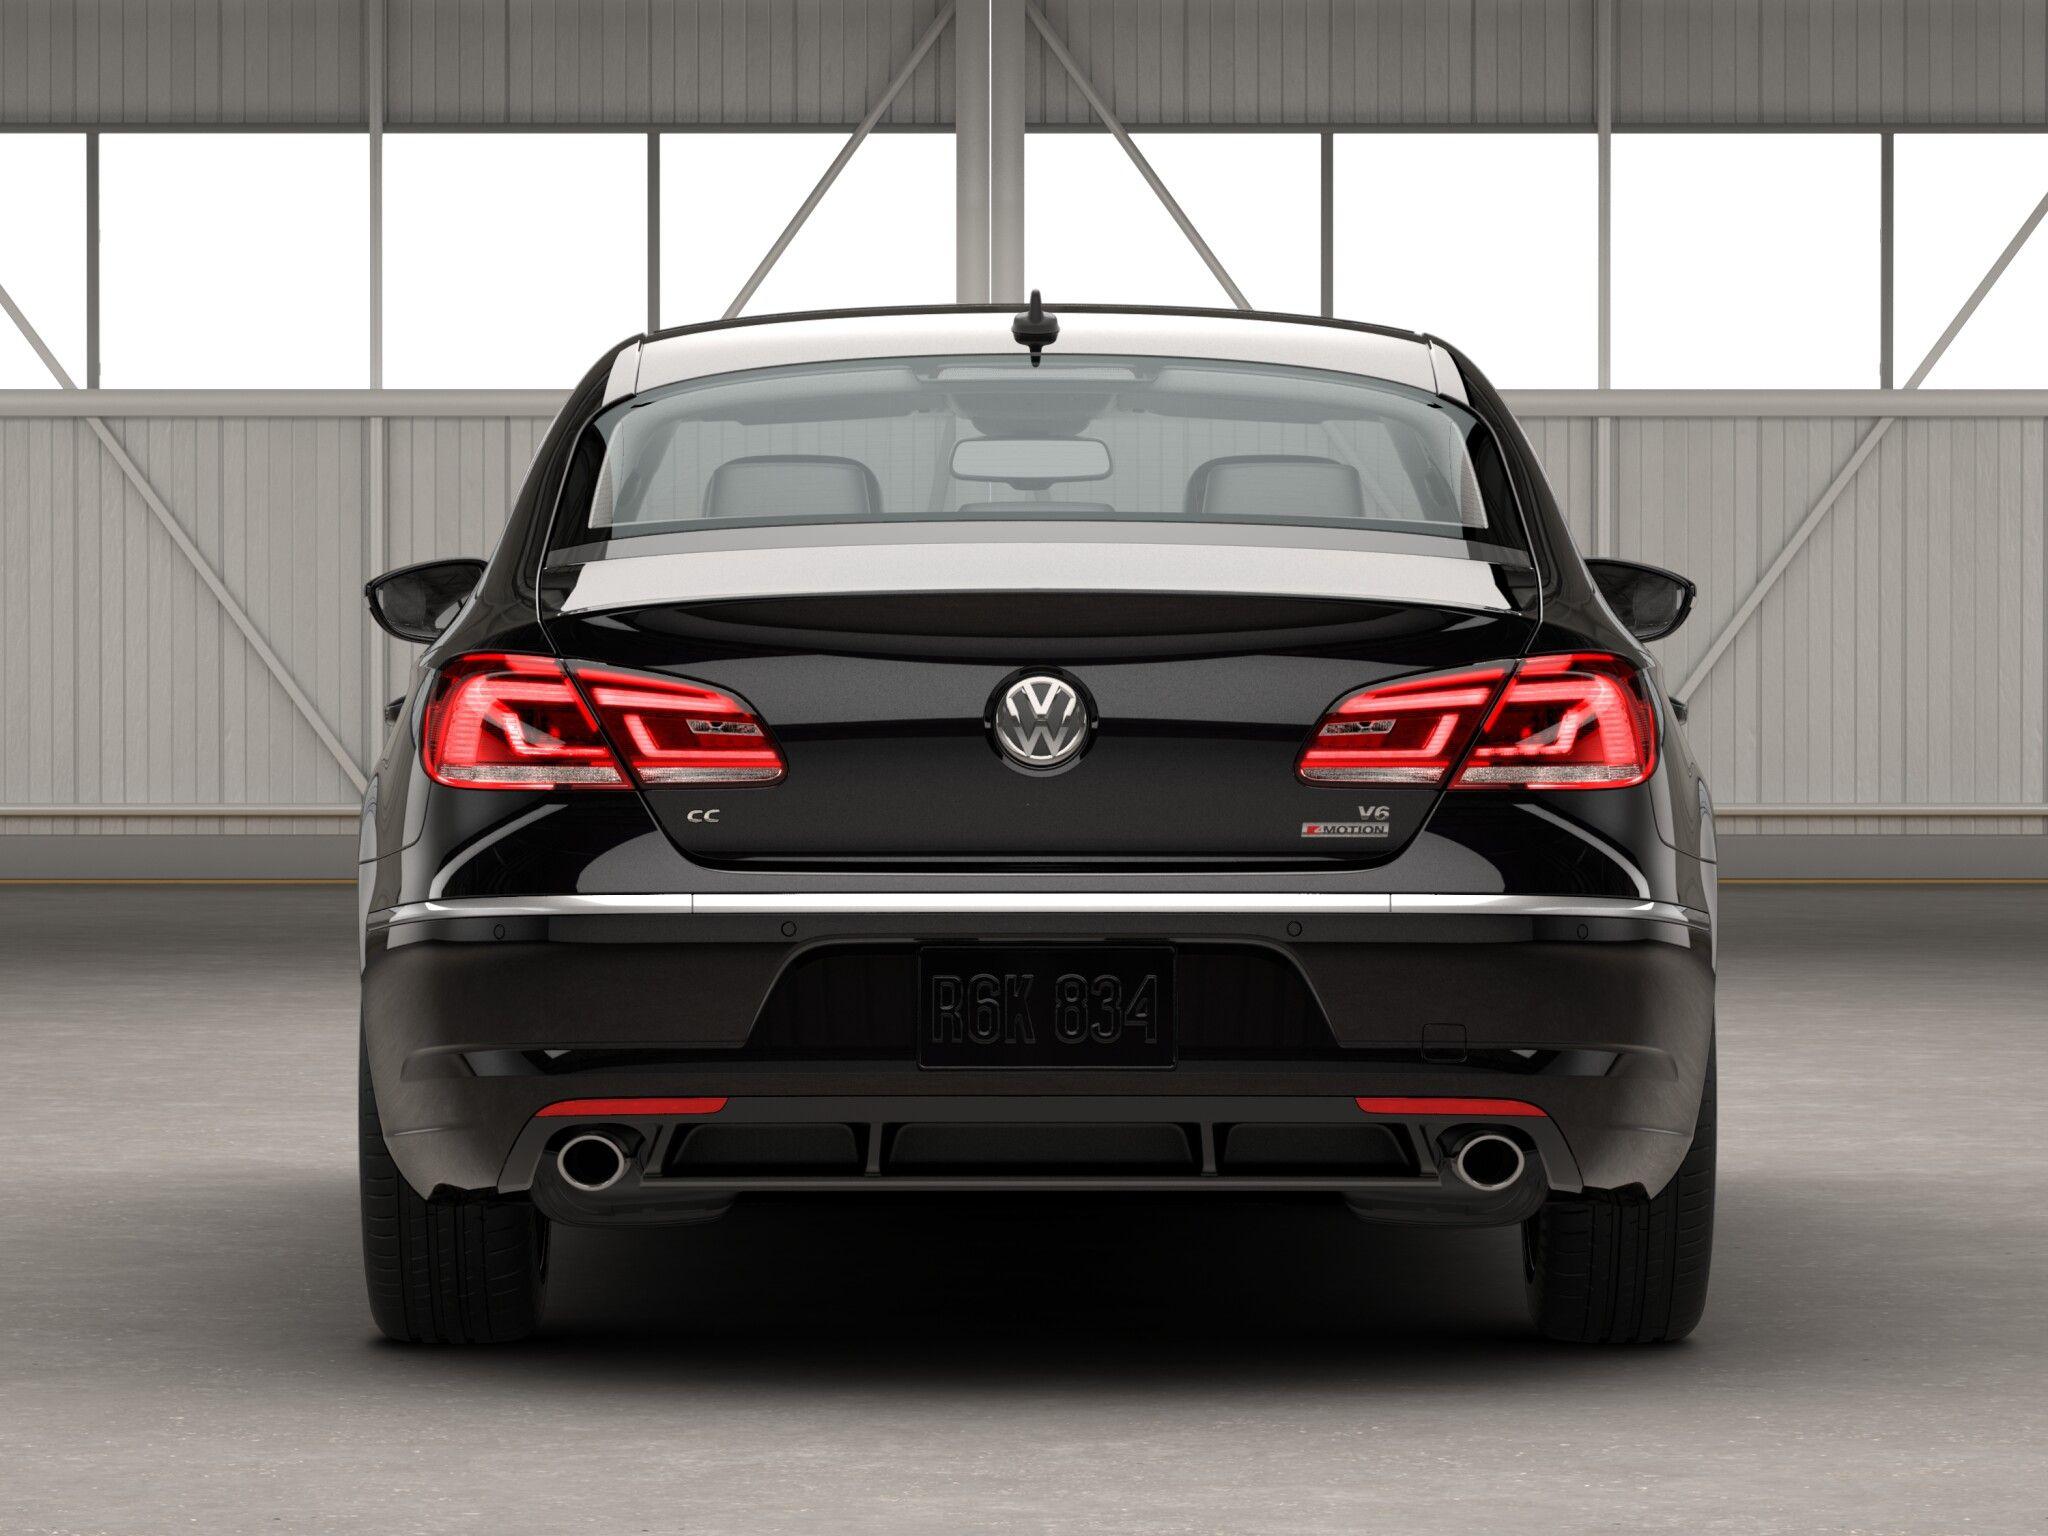 2016 Vw Cc V6 4motion Executive Trim Features Volkswagen Auto